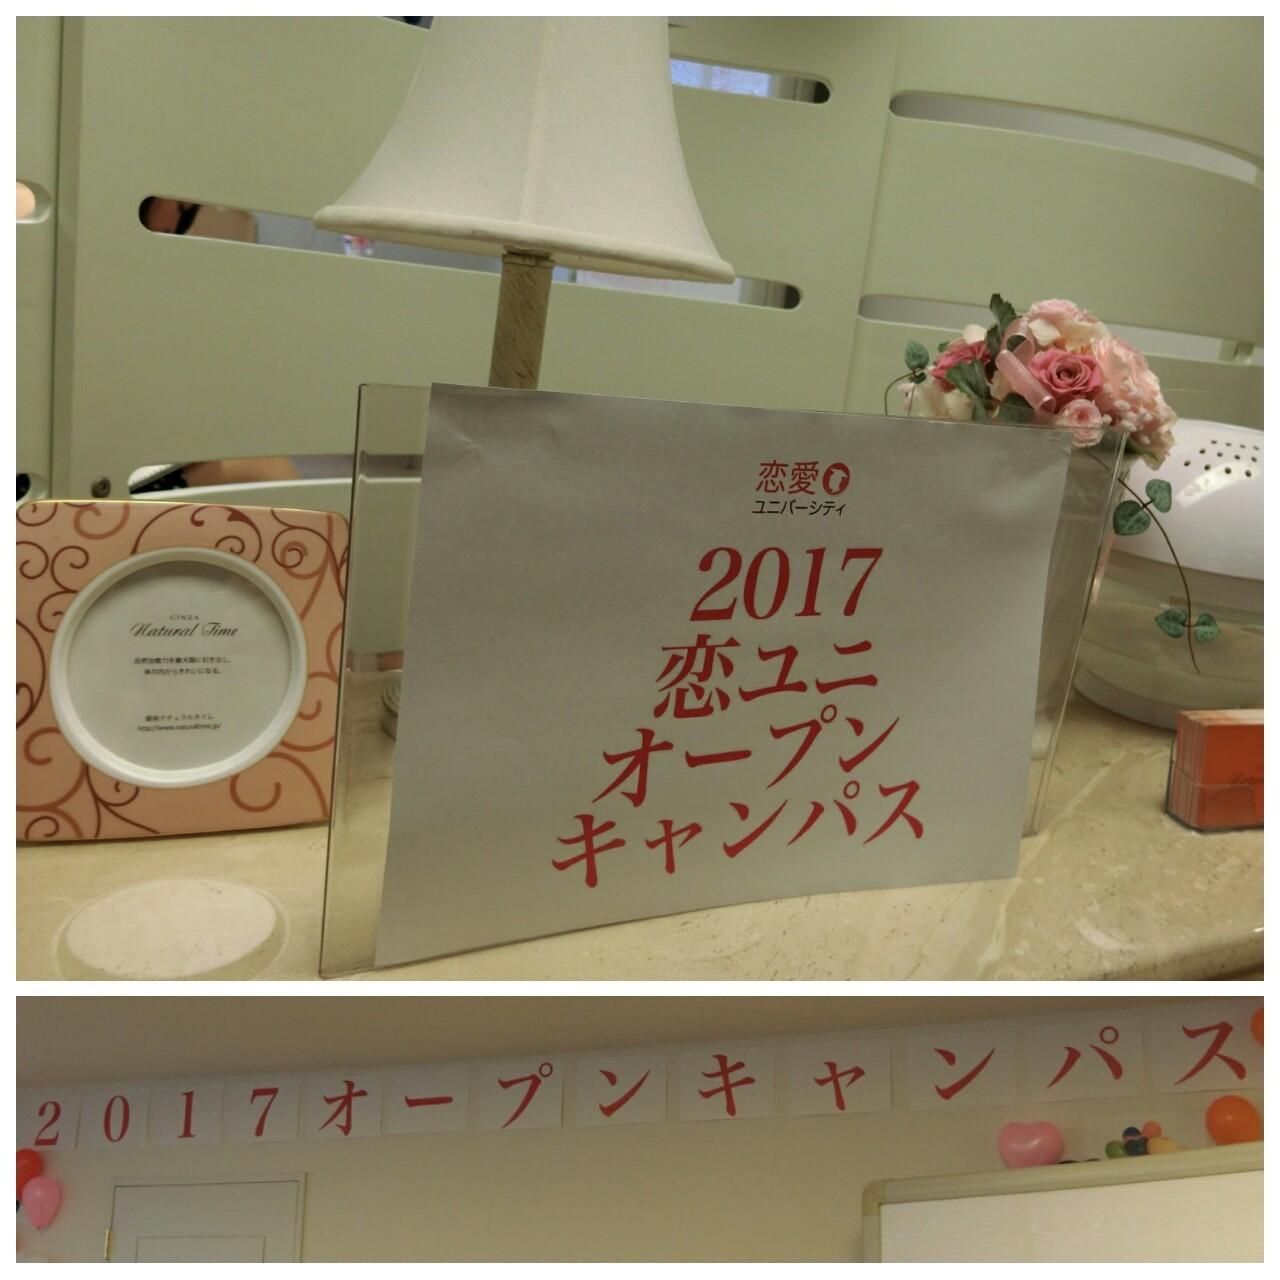 【イベント】2017恋ユニオープンキャンパスで相談してみた!